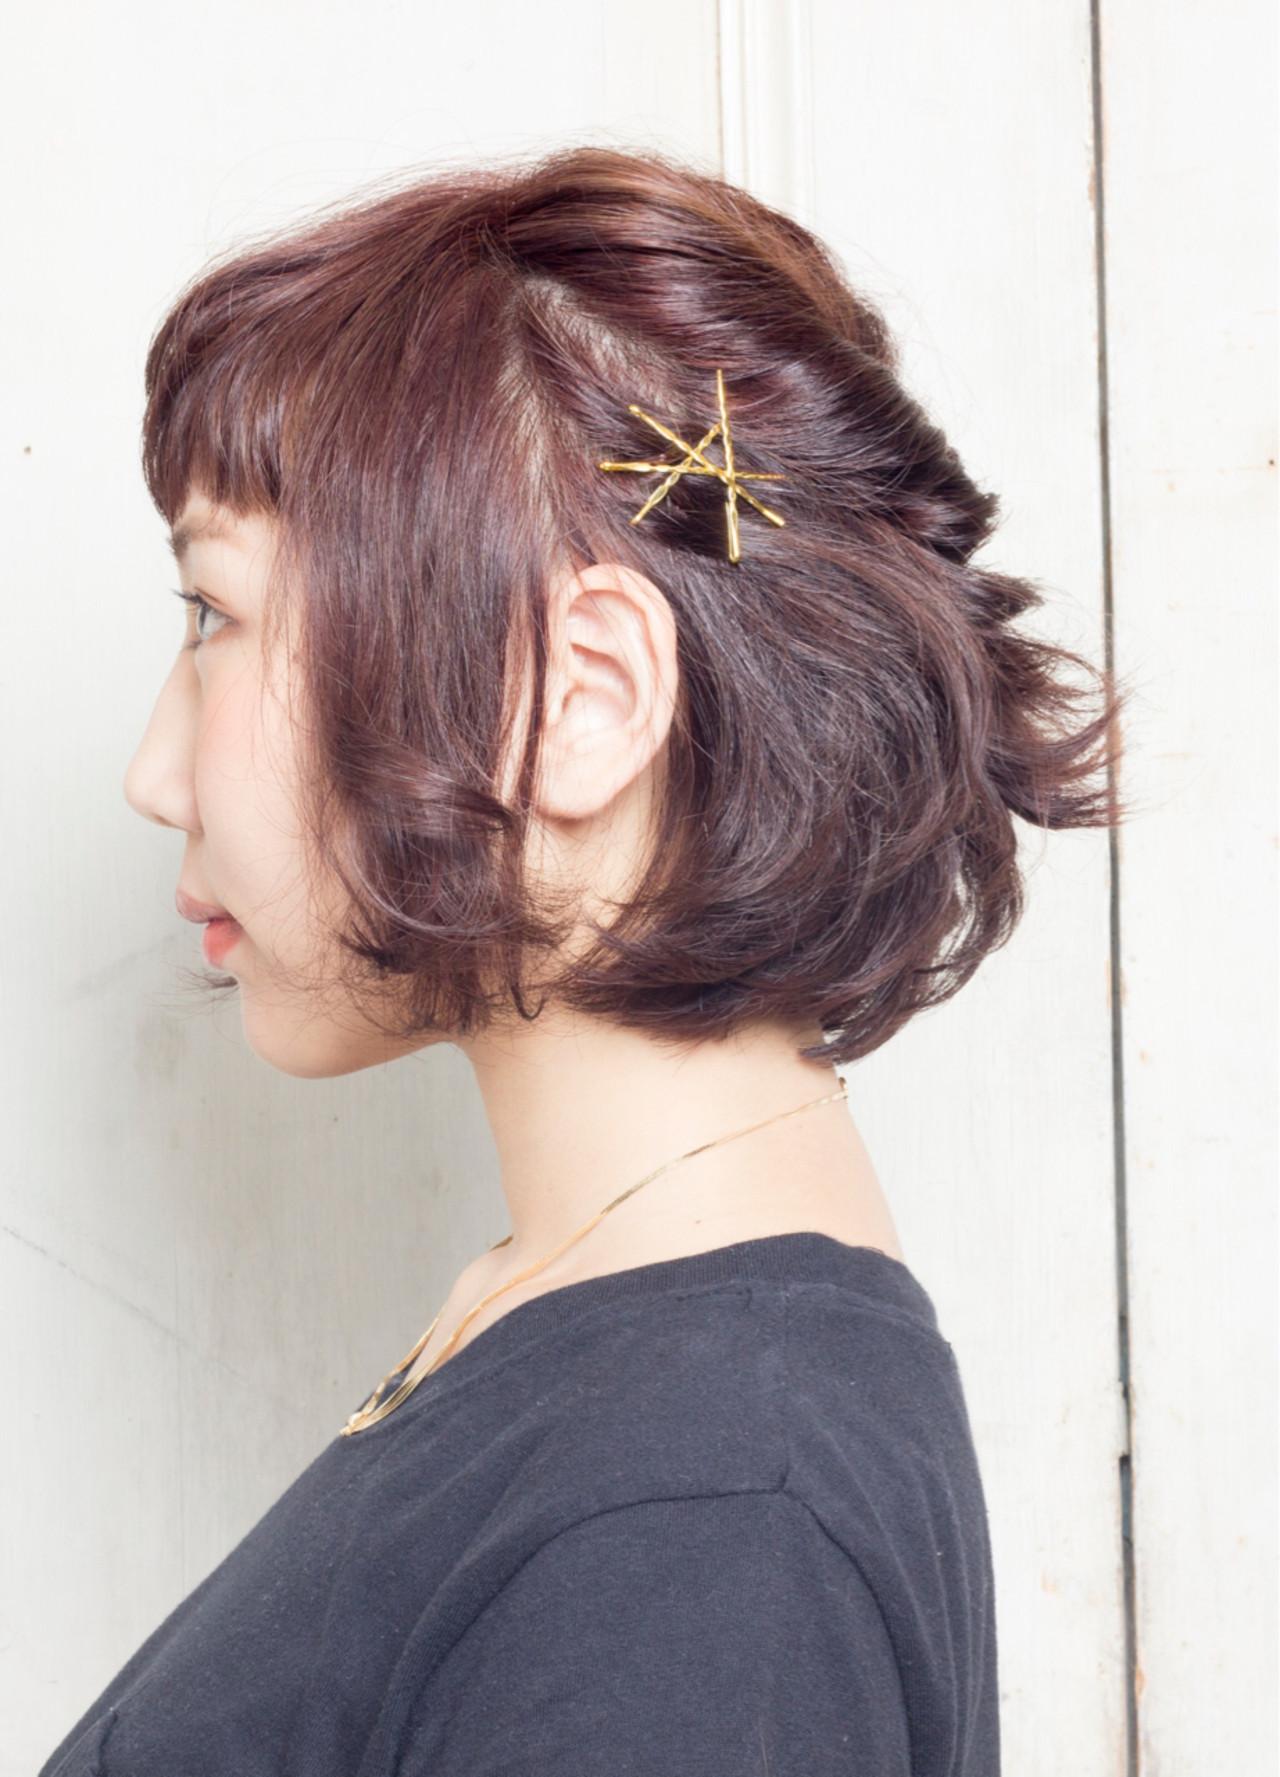 ヘアアレンジ 黒髪 ハーフアップ 猫耳 ヘアスタイルや髪型の写真・画像